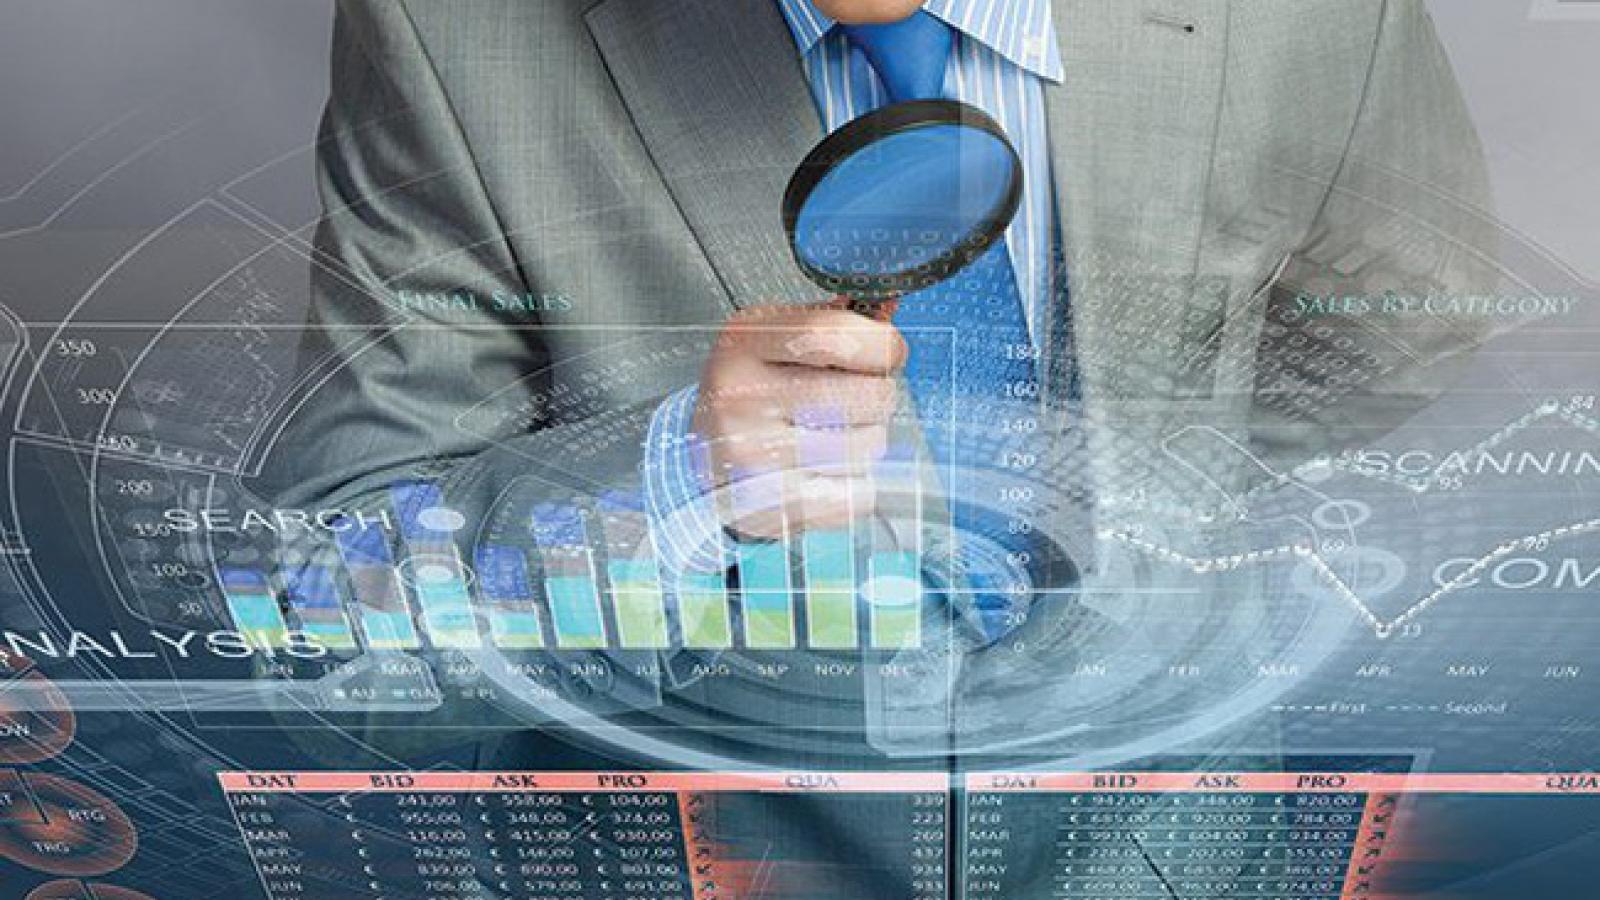 Nhà đầu tư có thể cân nhắc tích lũy dần những cổ phiếu có triển vọng